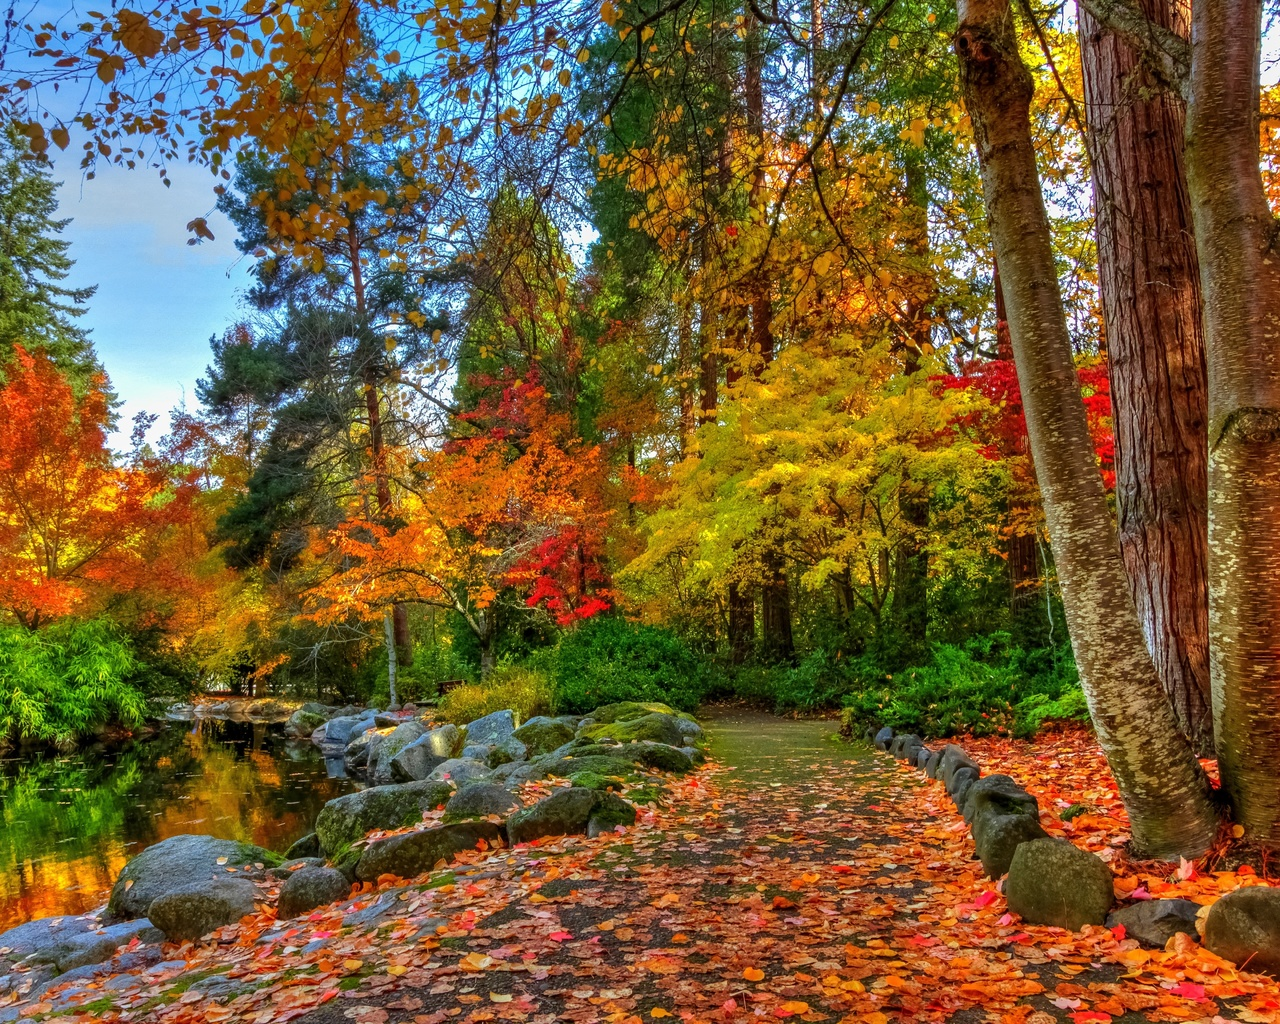 осень, парк, деревья, пруд, камни, дорожка, небо, природа